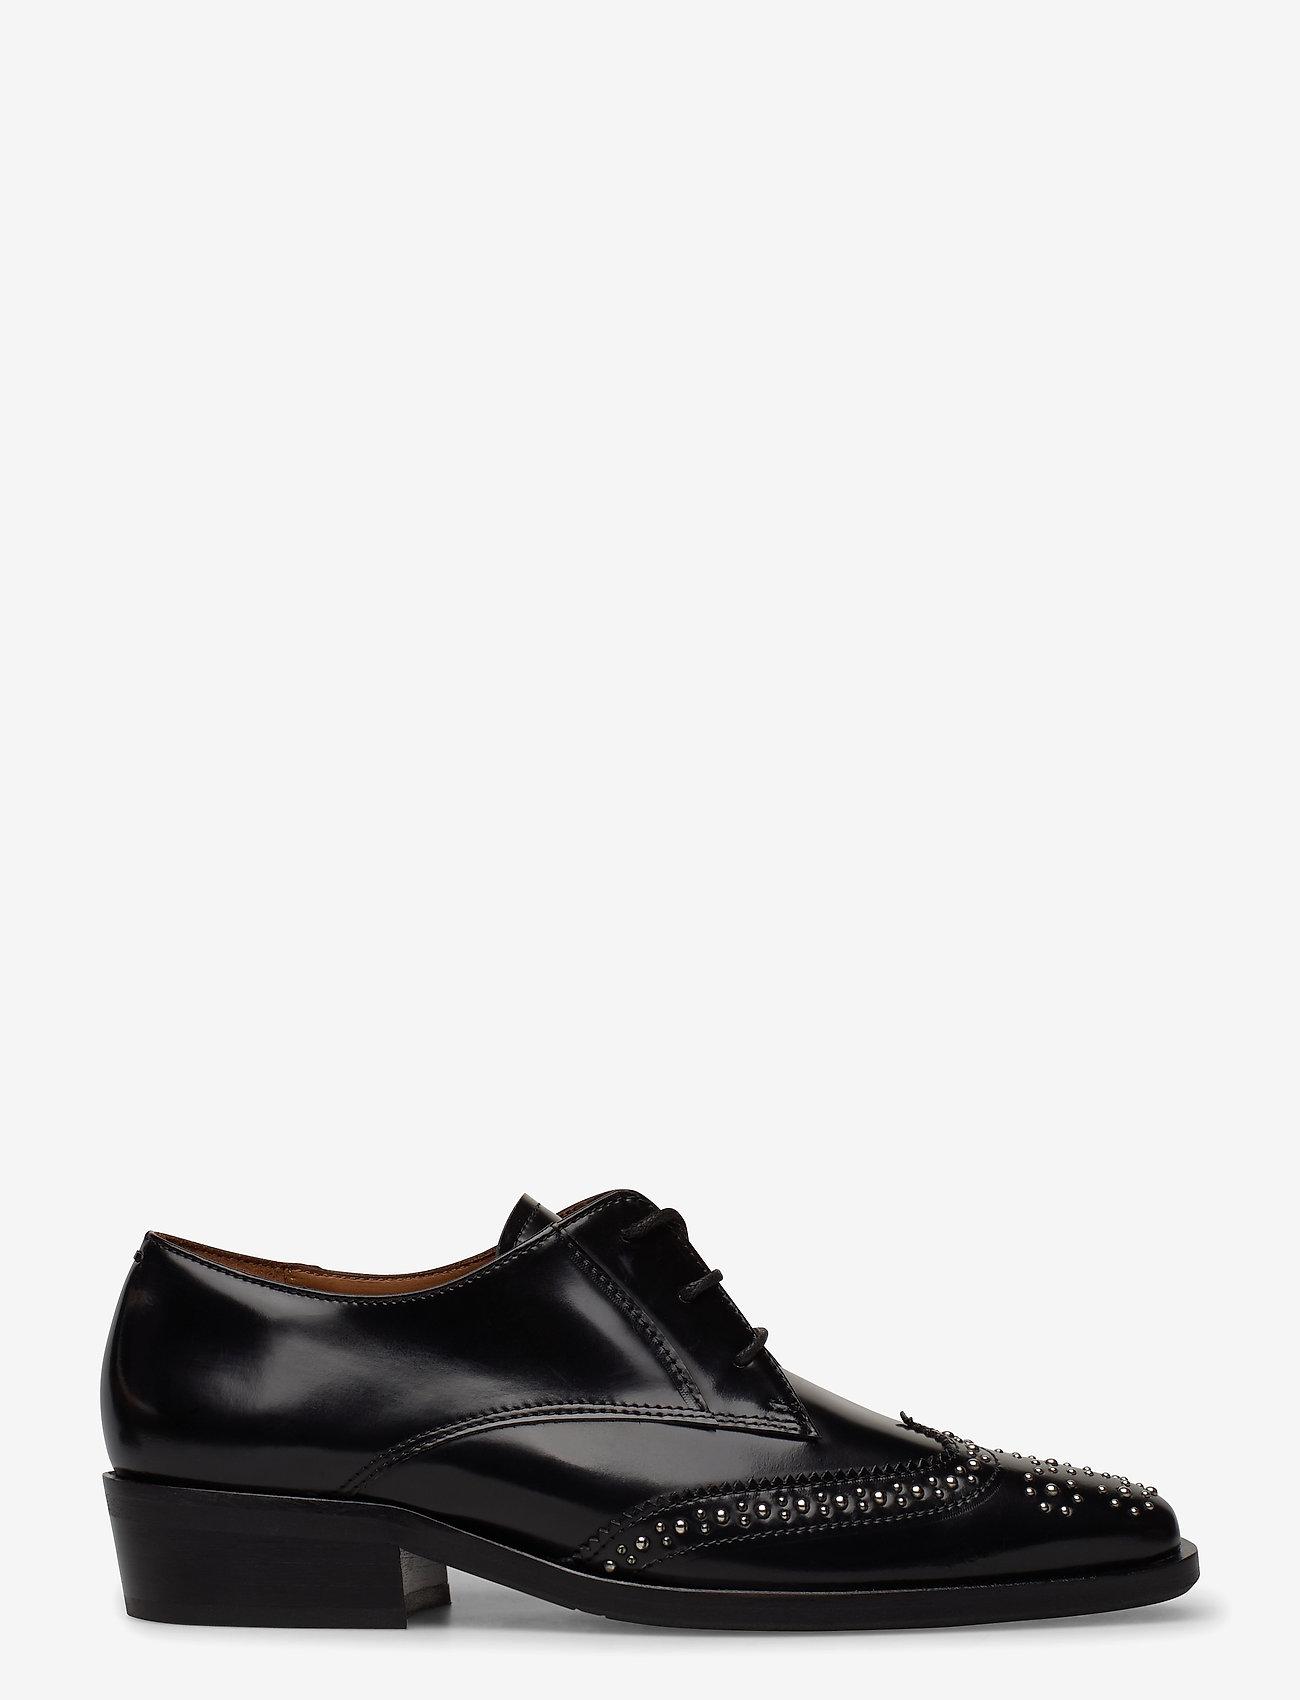 Billi Bi - Shoes 4702 - buty sznurowane - black polido /silver 900 - 1